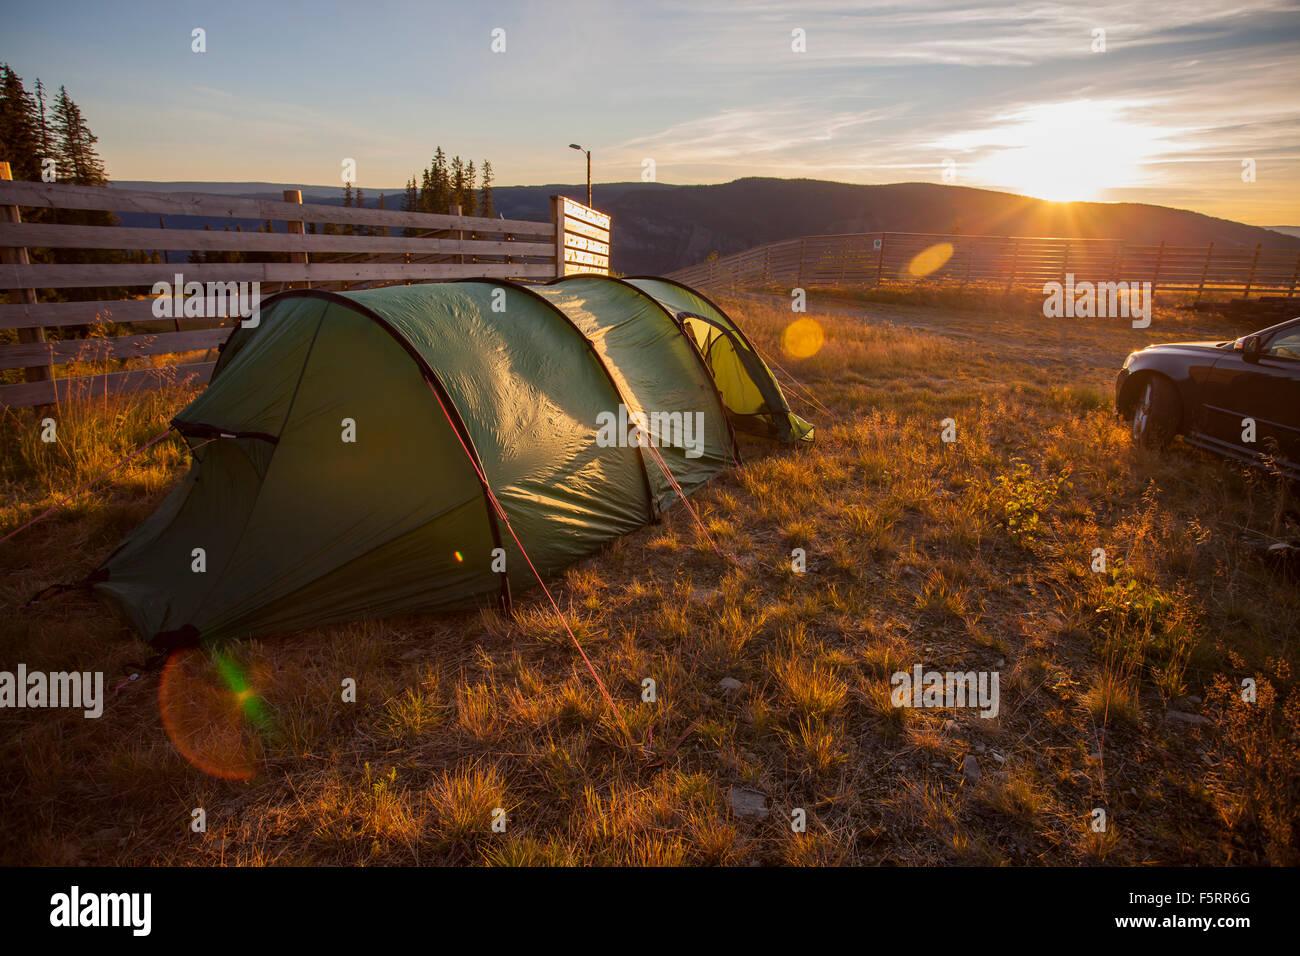 Norvegia, Hafjell, tenda al tramonto Immagini Stock